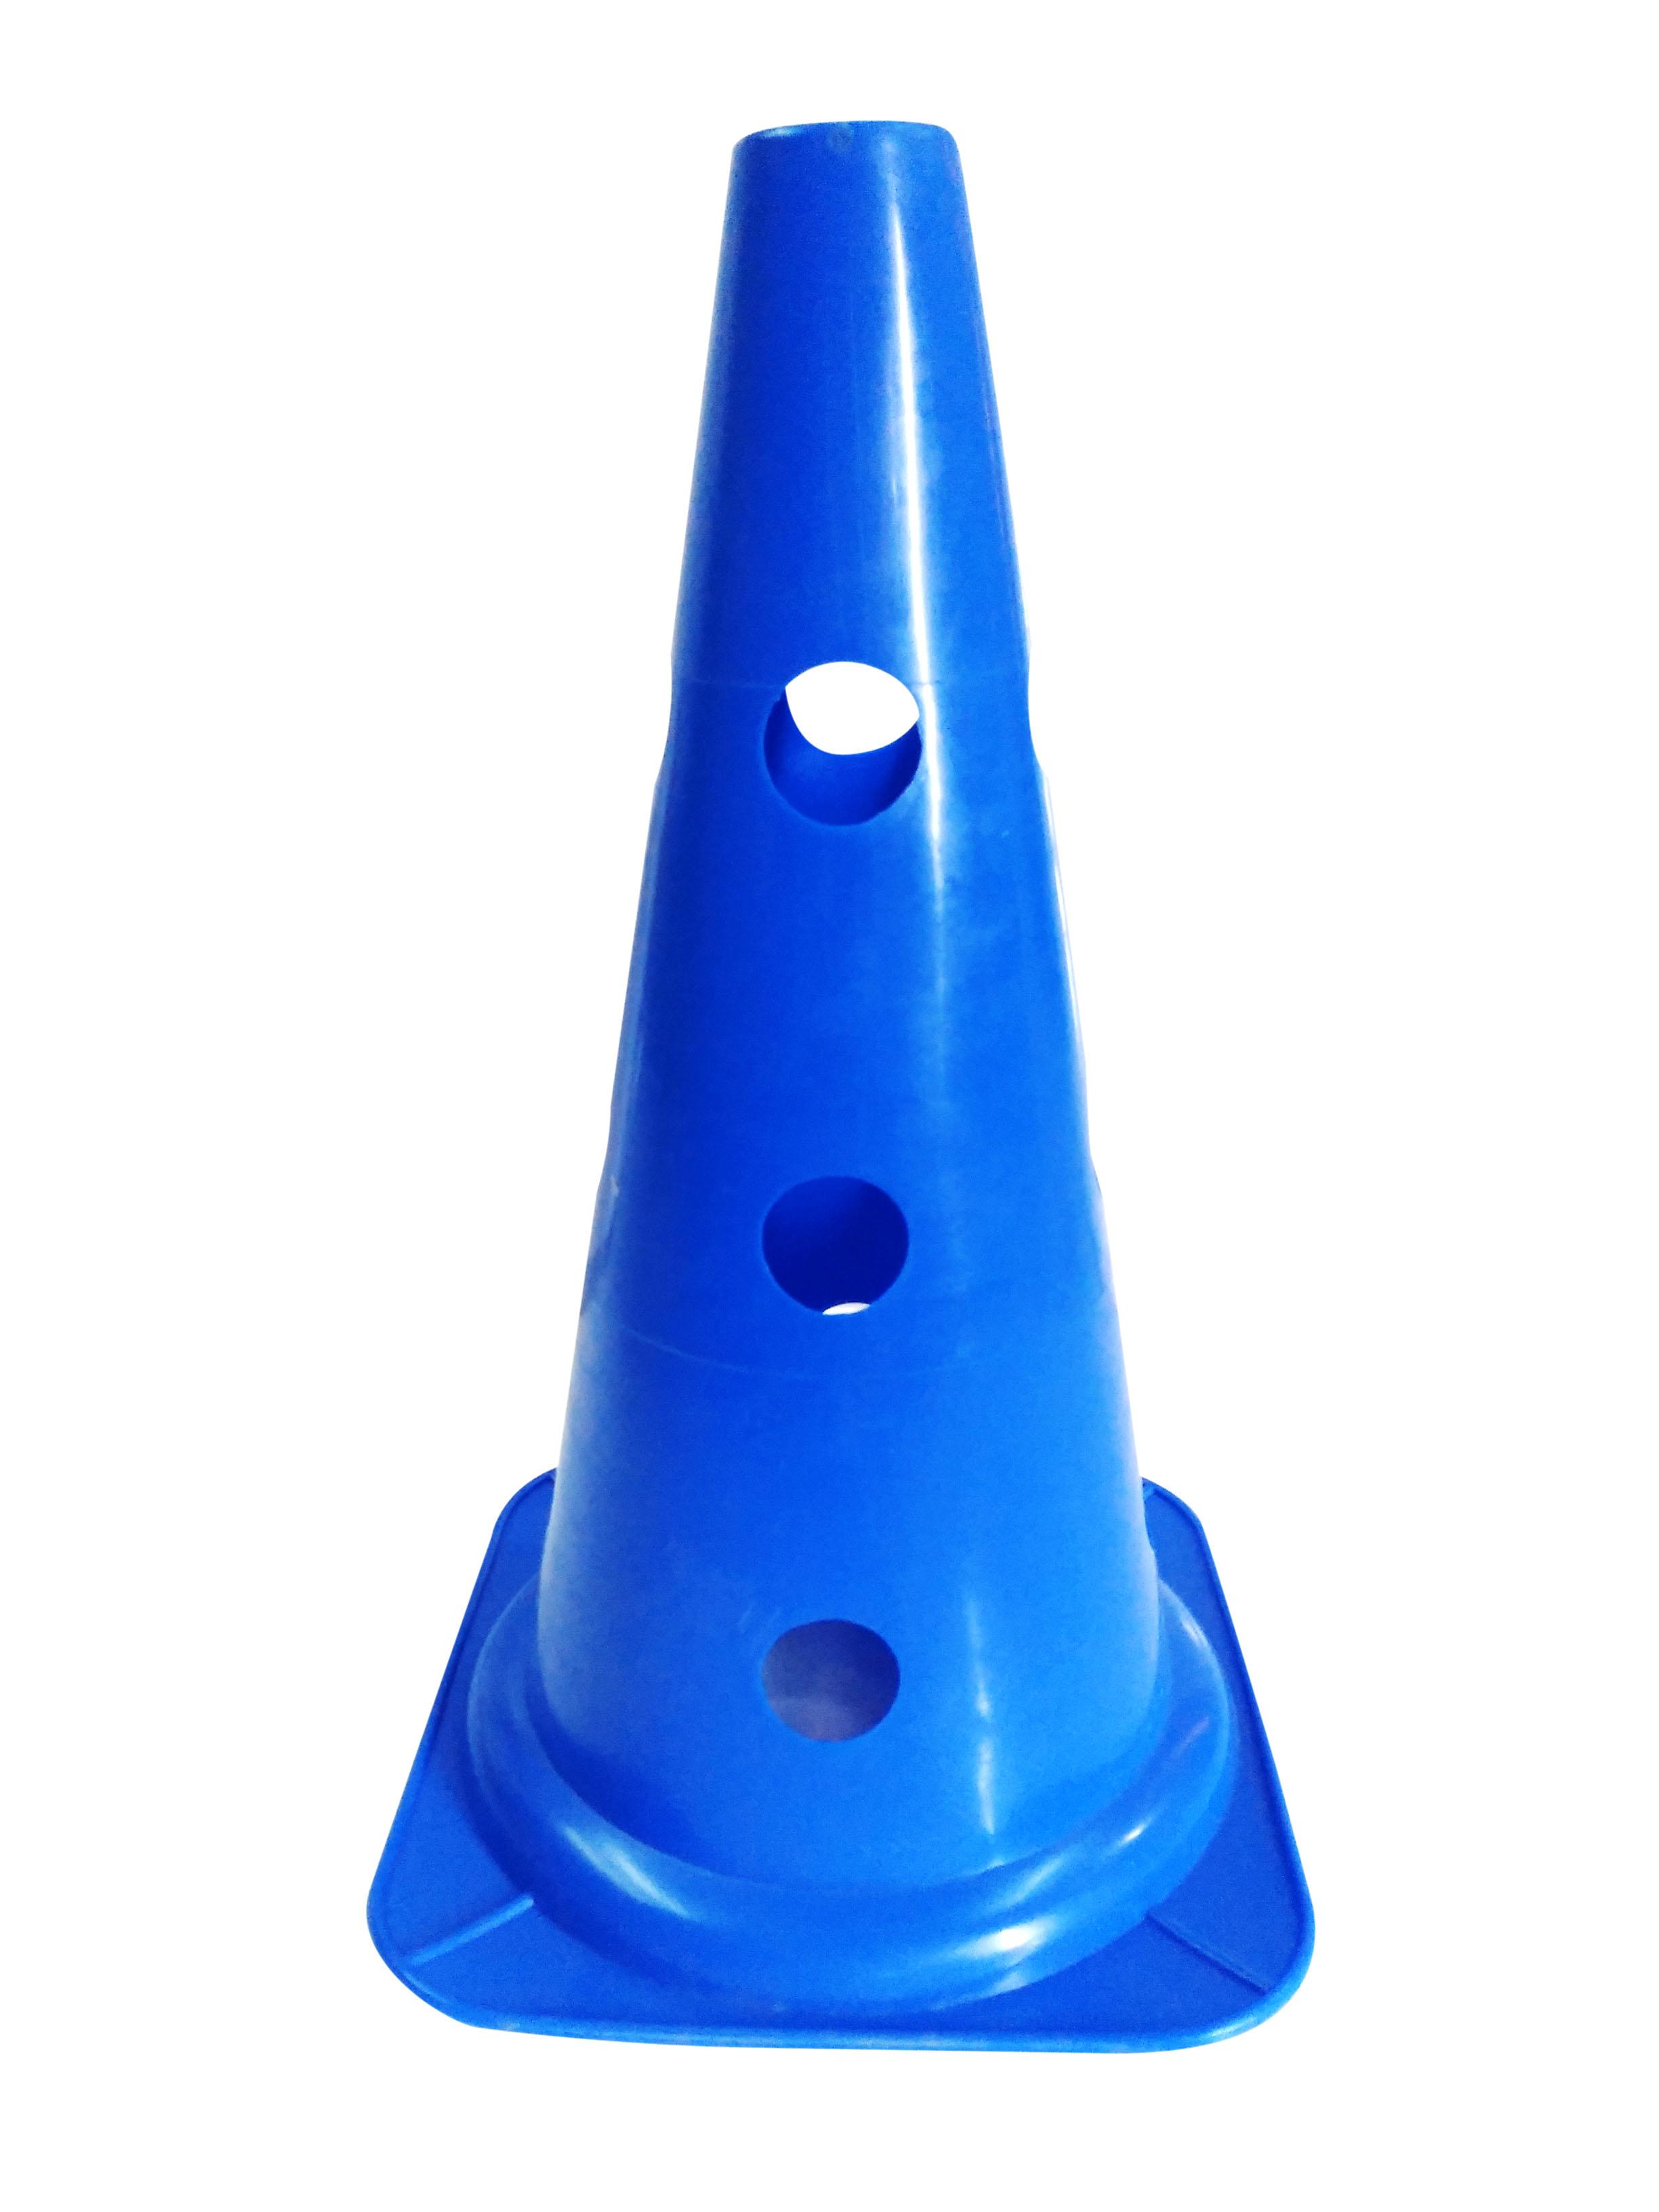 Cono perforado de entrenamiento azul